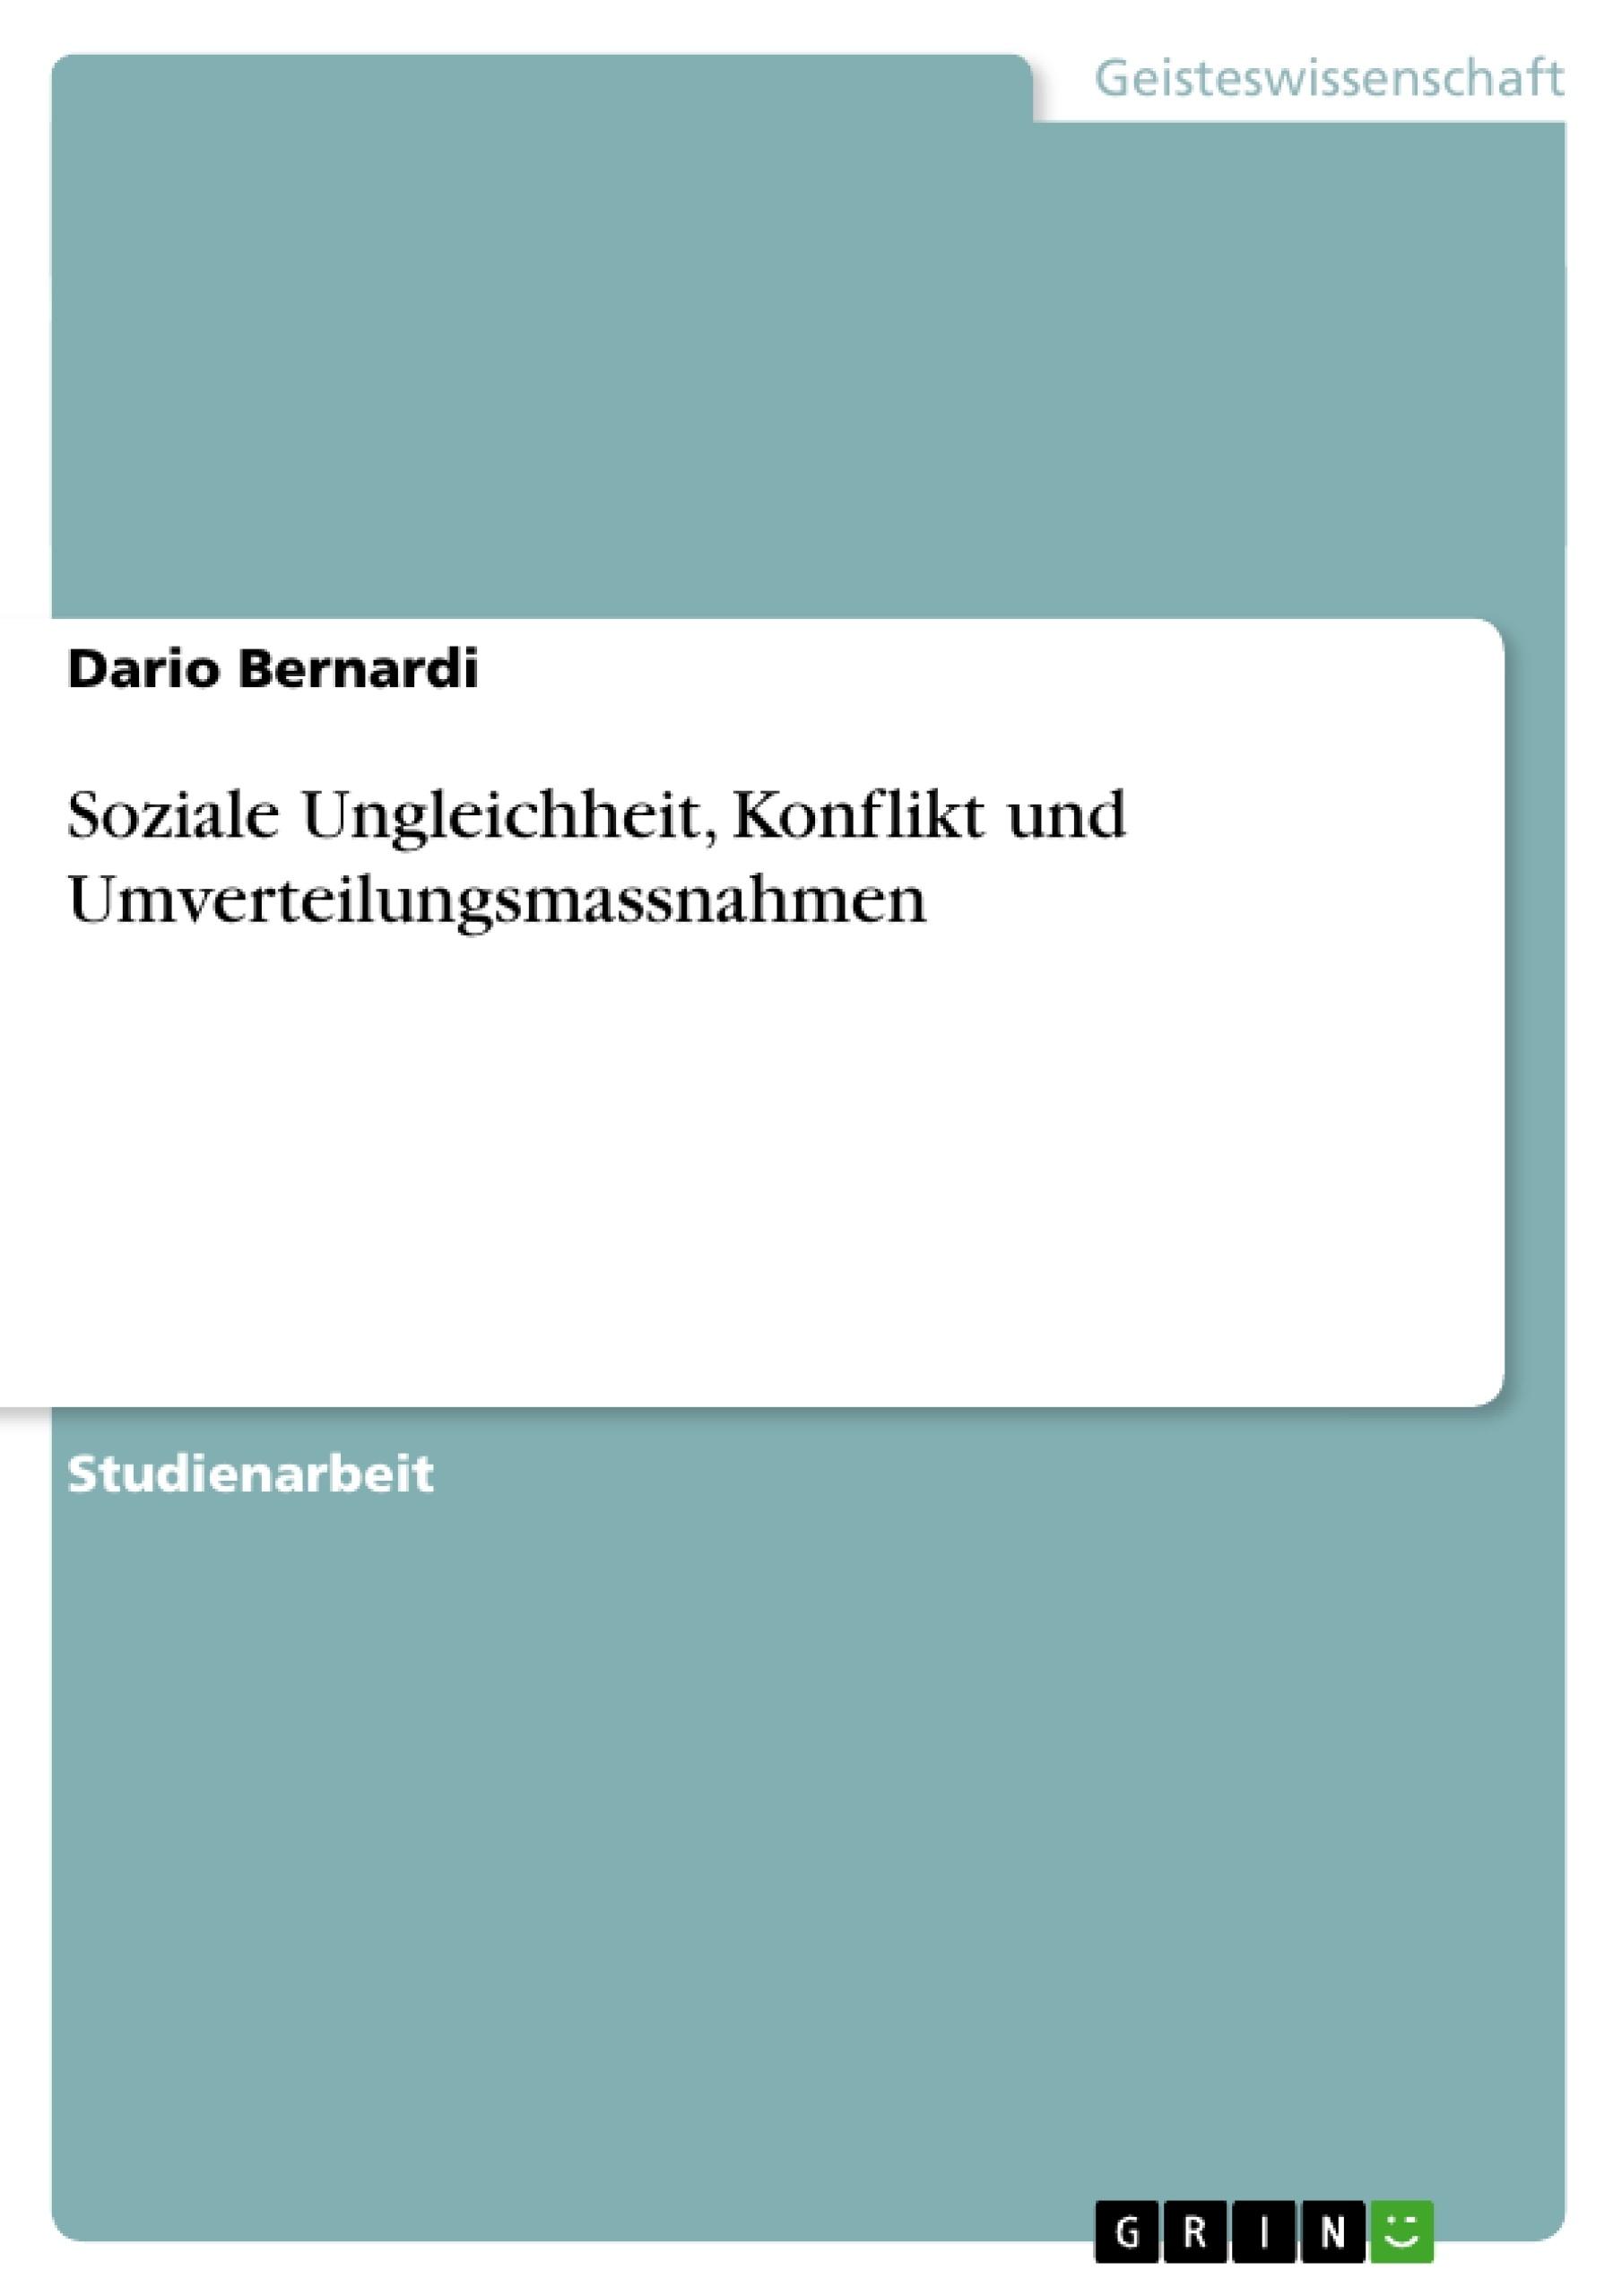 Titel: Soziale Ungleichheit, Konflikt und Umverteilungsmassnahmen